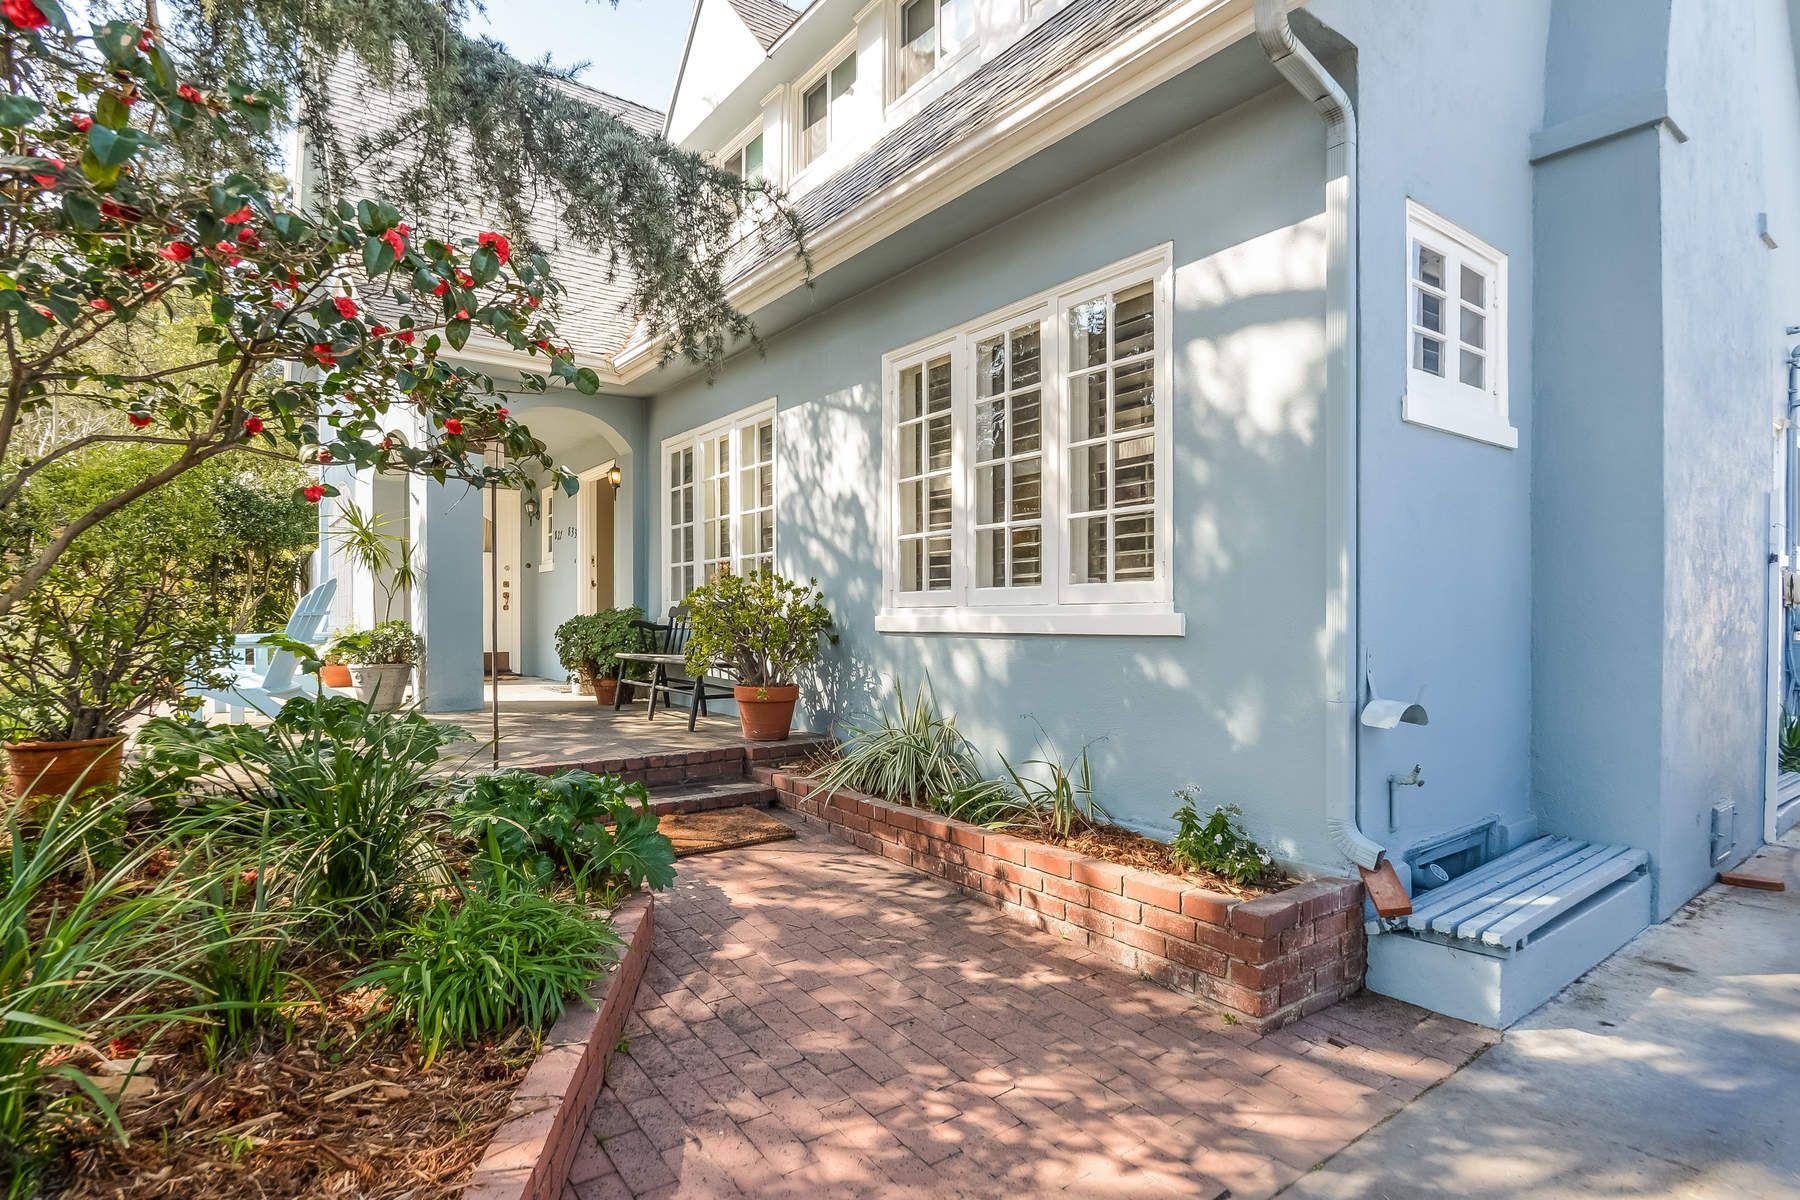 Property For Rent Pasadena